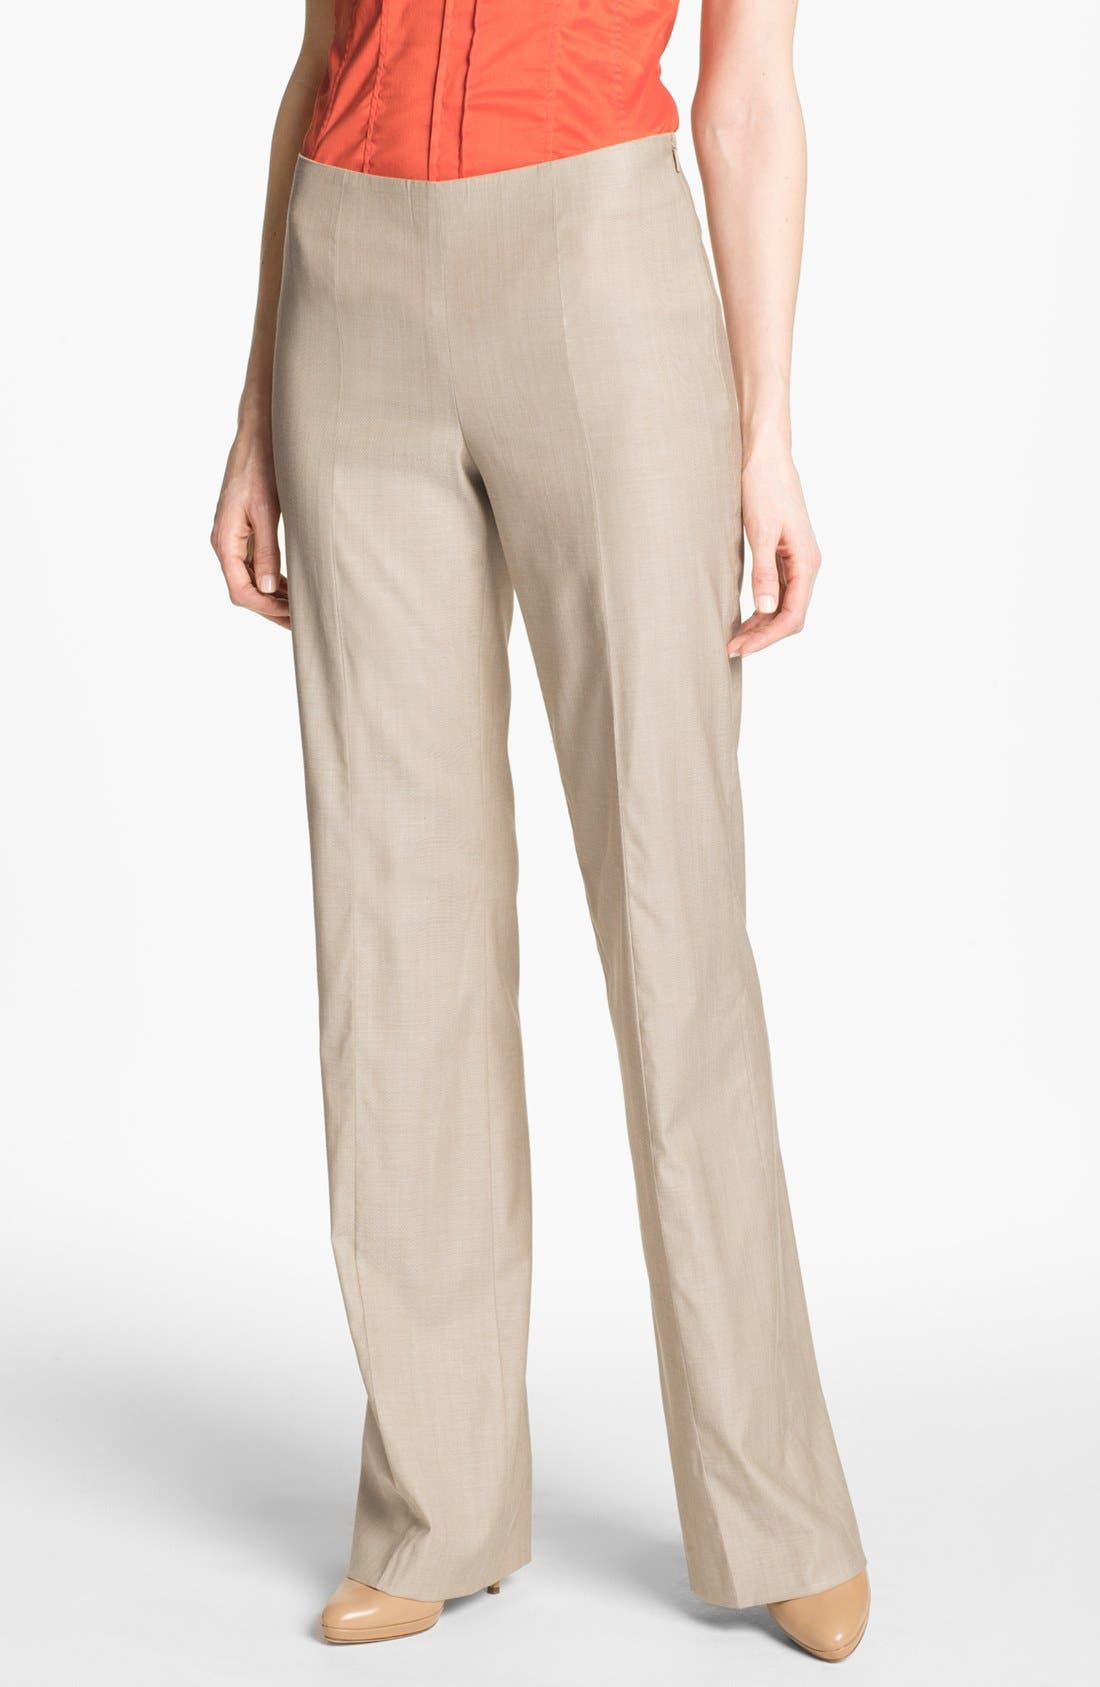 HUGO BOSS 'Tilana' Trousers,                         Main,                         color, Sugar Melange